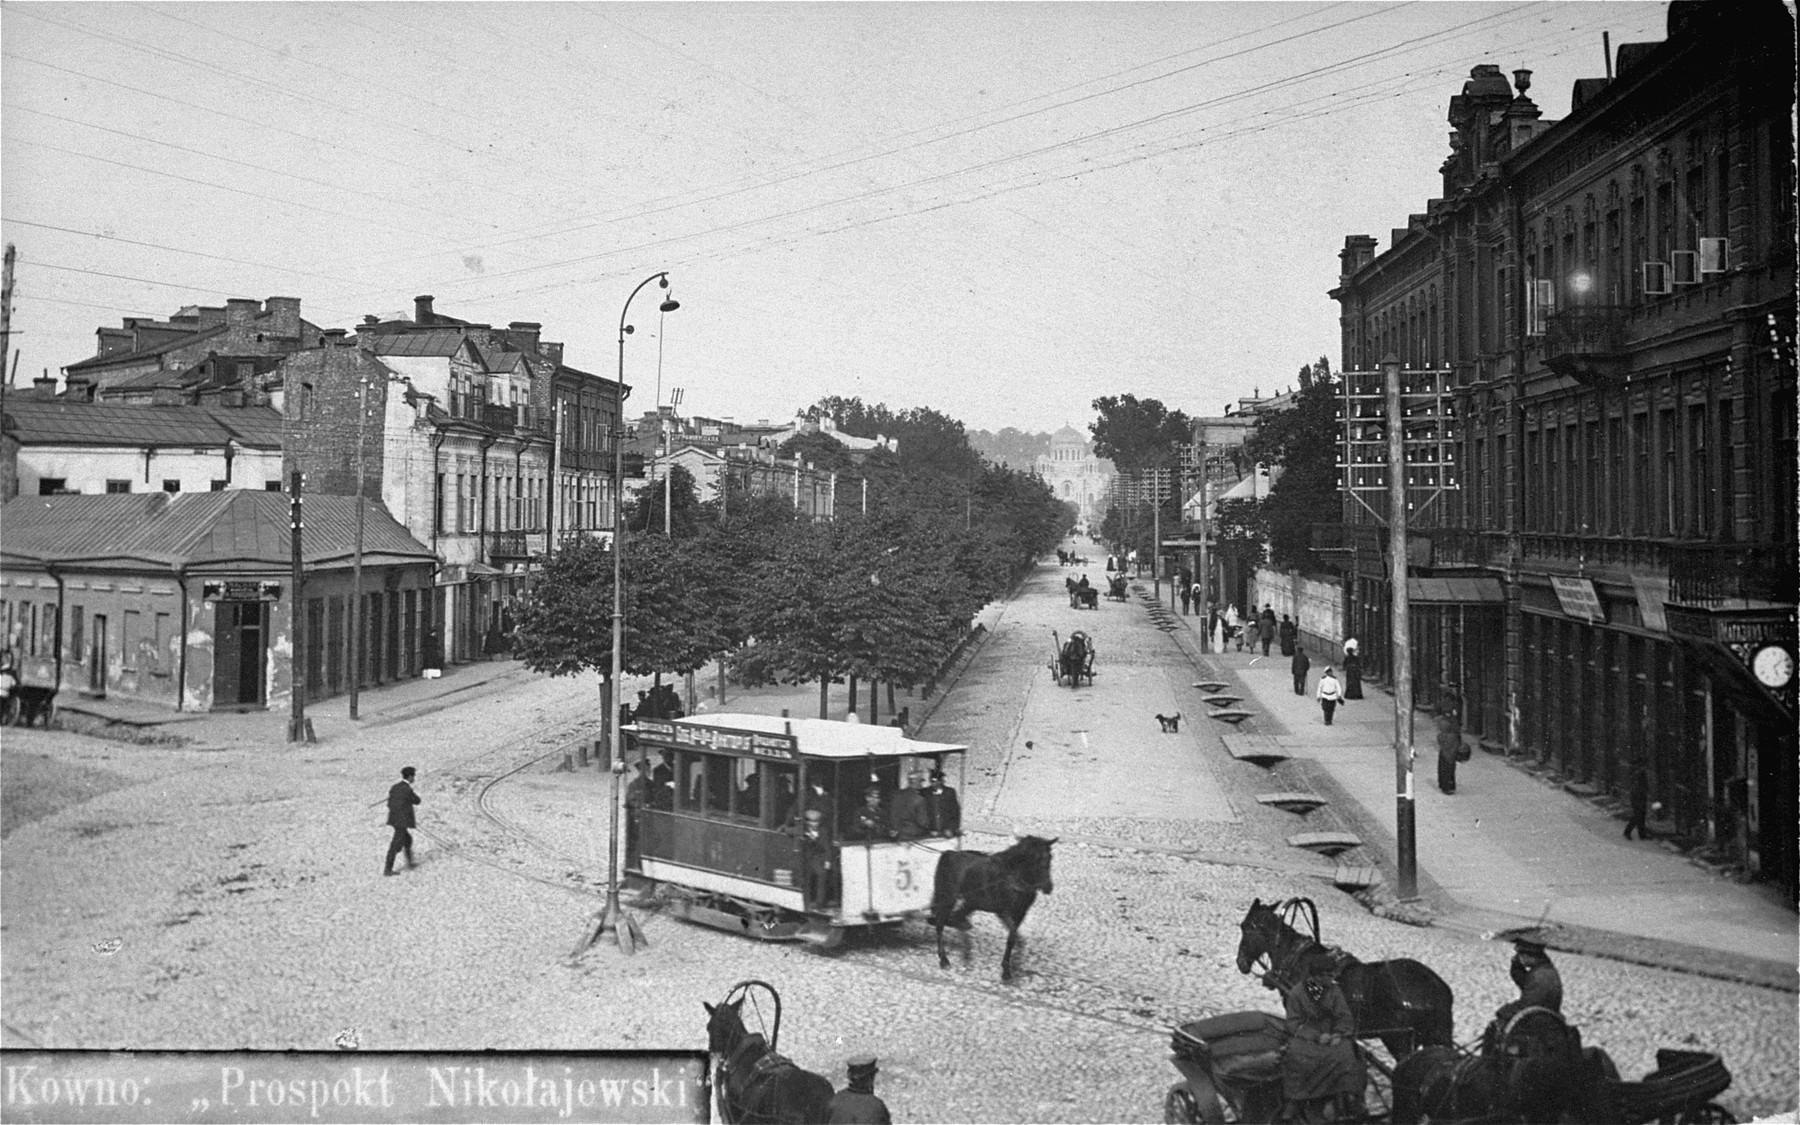 View of a street scene in Kovno.